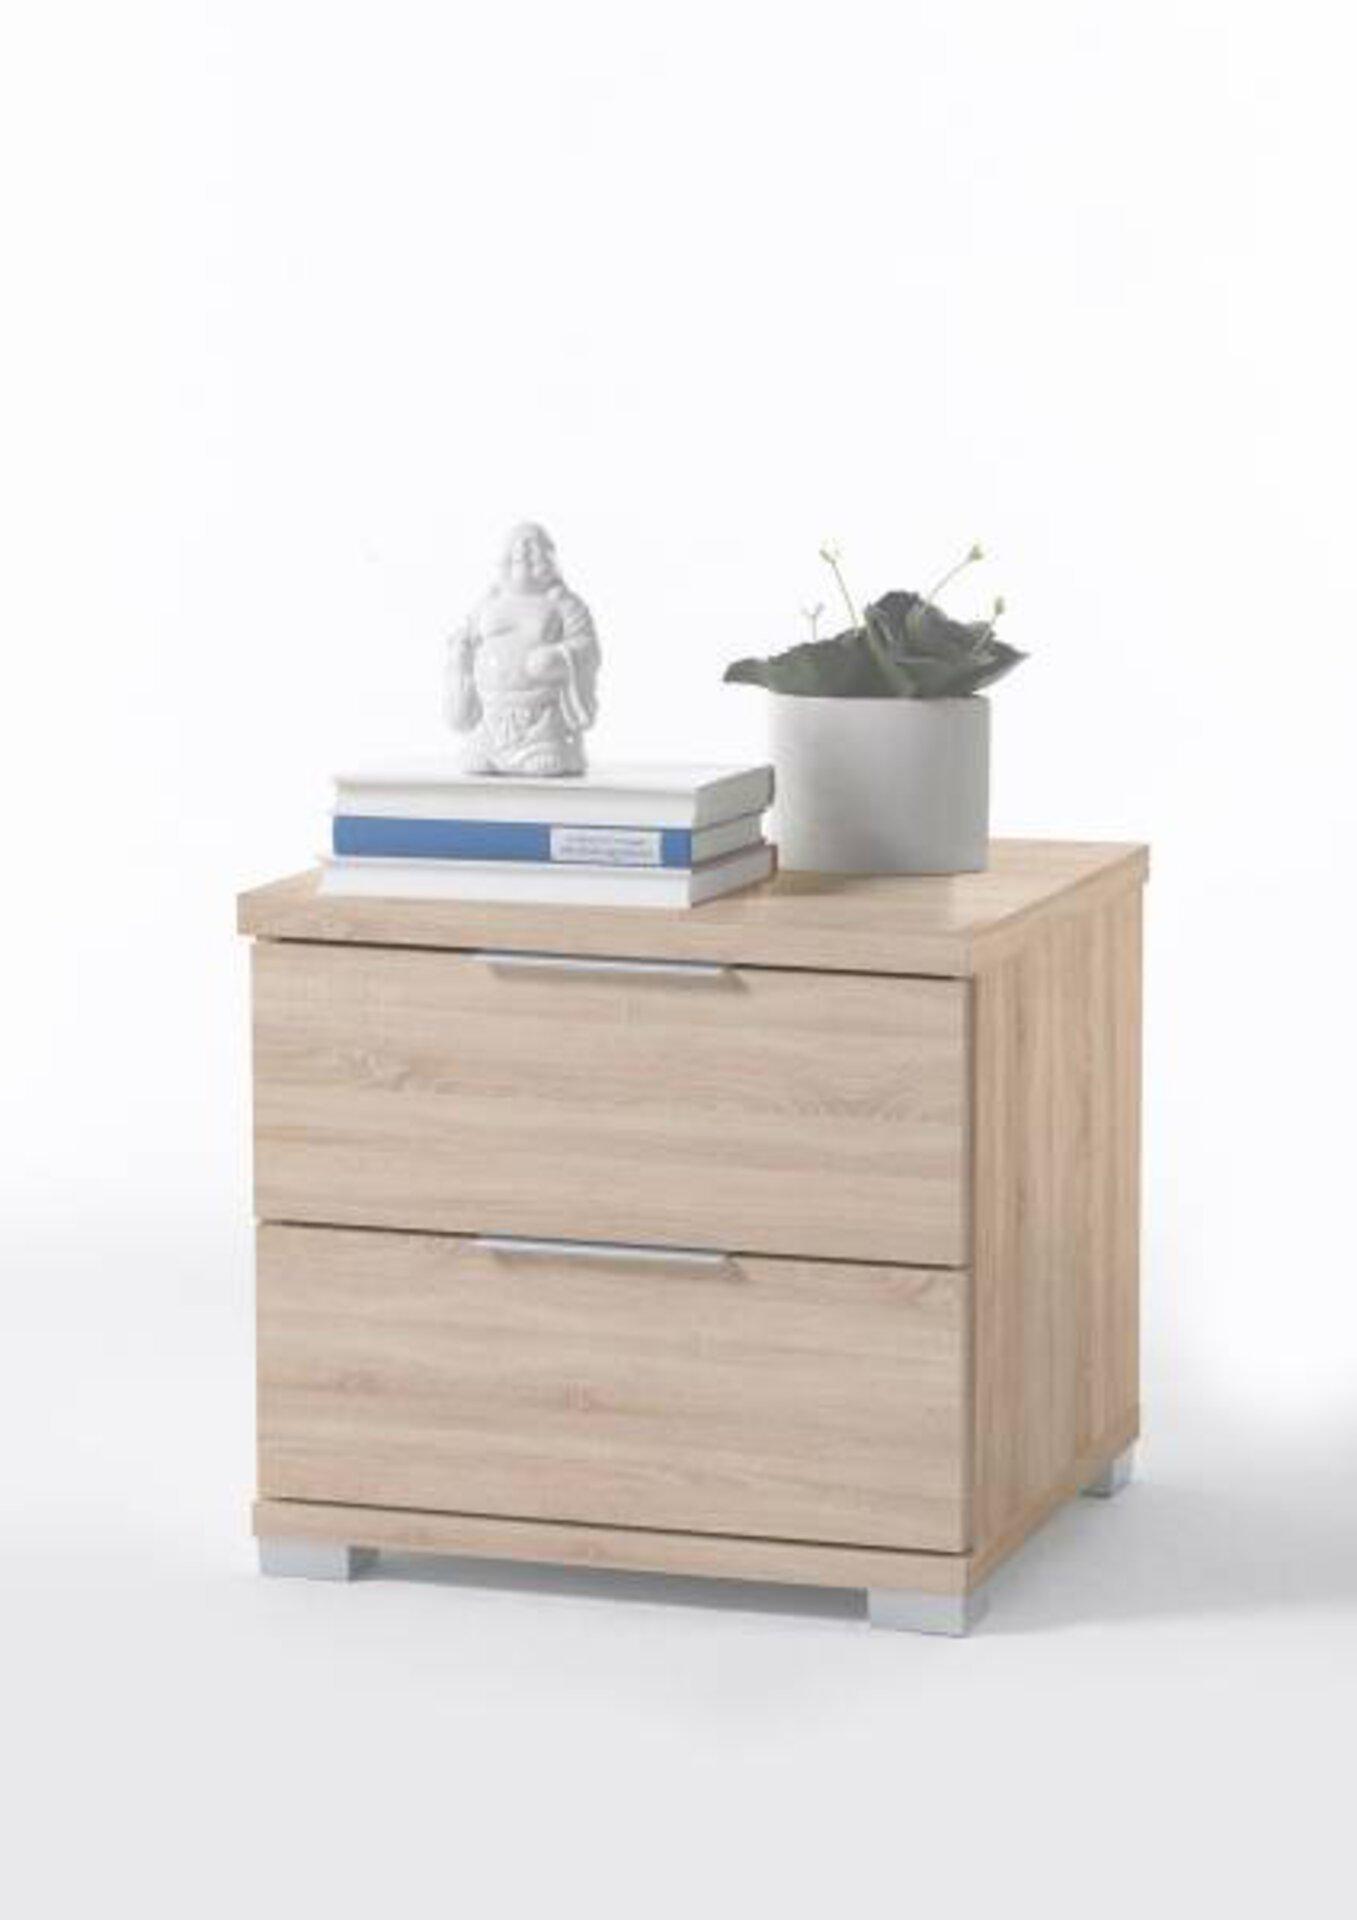 Nachttisch PEPE Dreamoro Holzwerkstoff weiß 28 x 41 x 39 cm